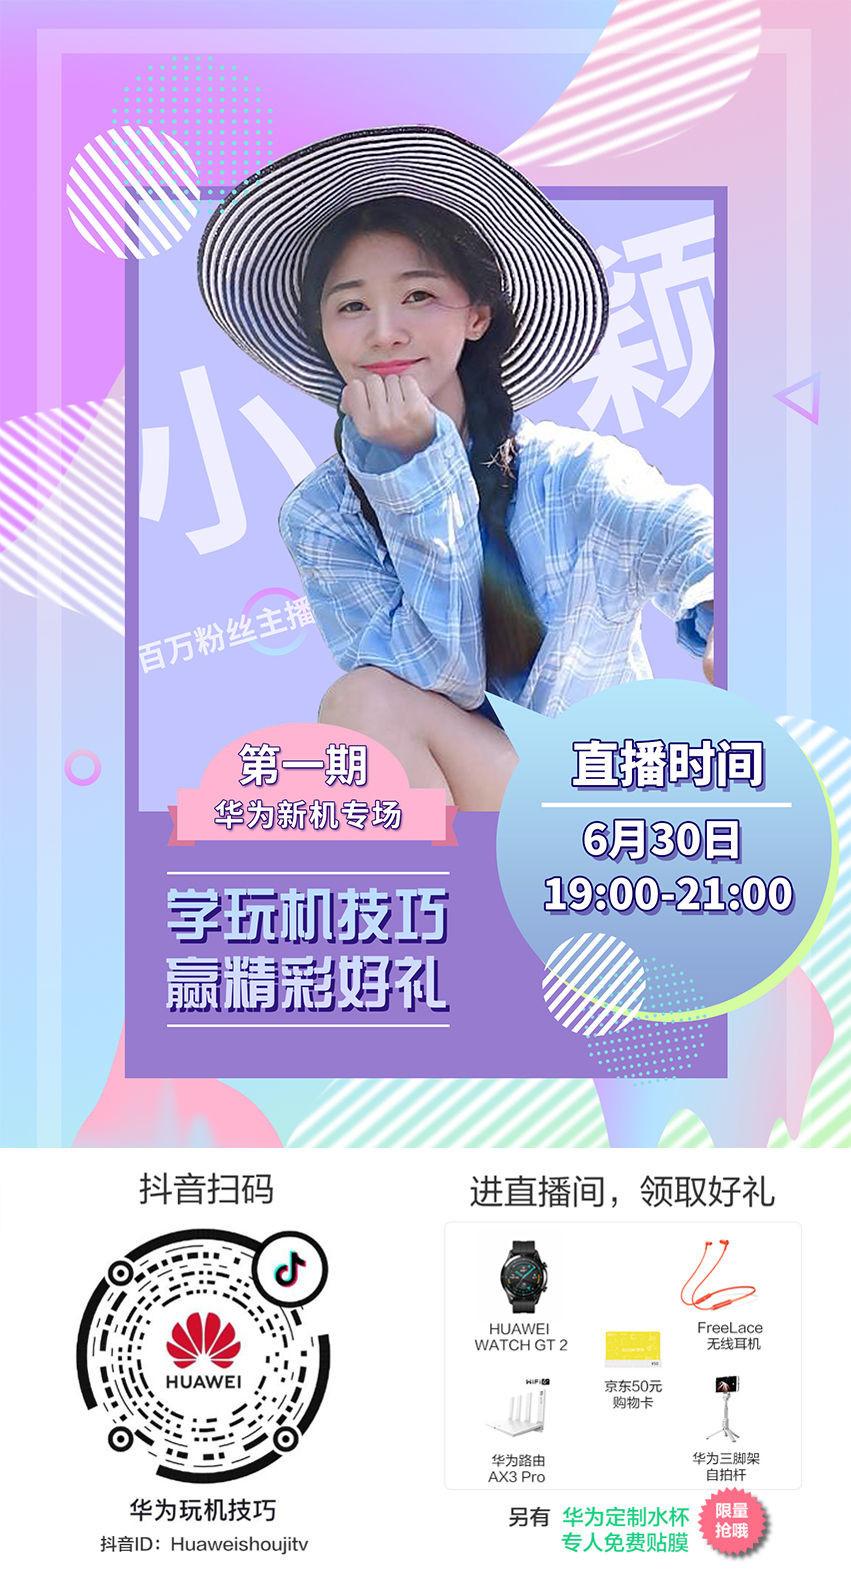 6月30日华为新机技巧专场,边看直播边抽奖!